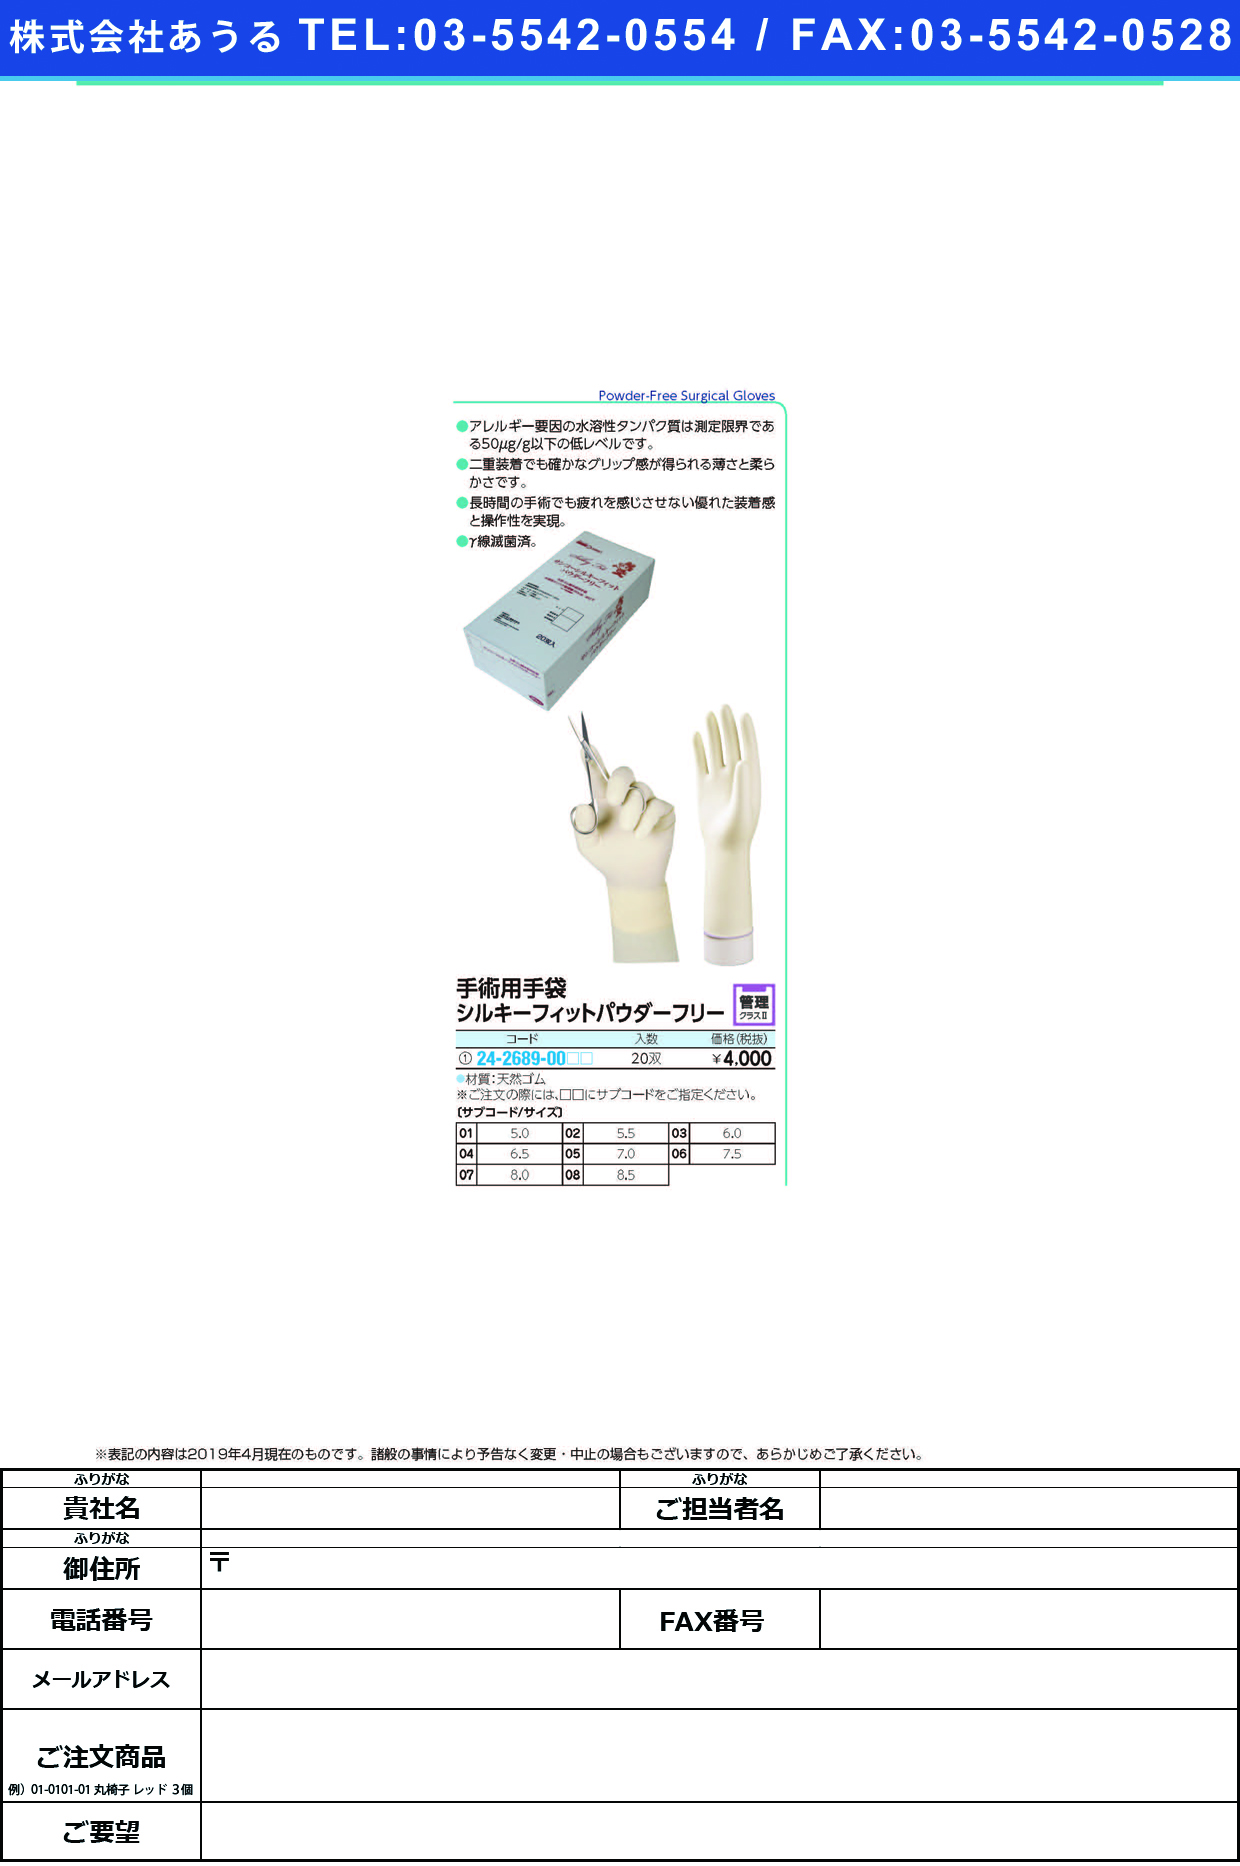 (24-2689-00)手術用手袋シルキーフィットPF 20ソウイリ サンコーシルキーフィットPF 5.0(三興化学工業)【1箱単位】【2019年カタログ商品】